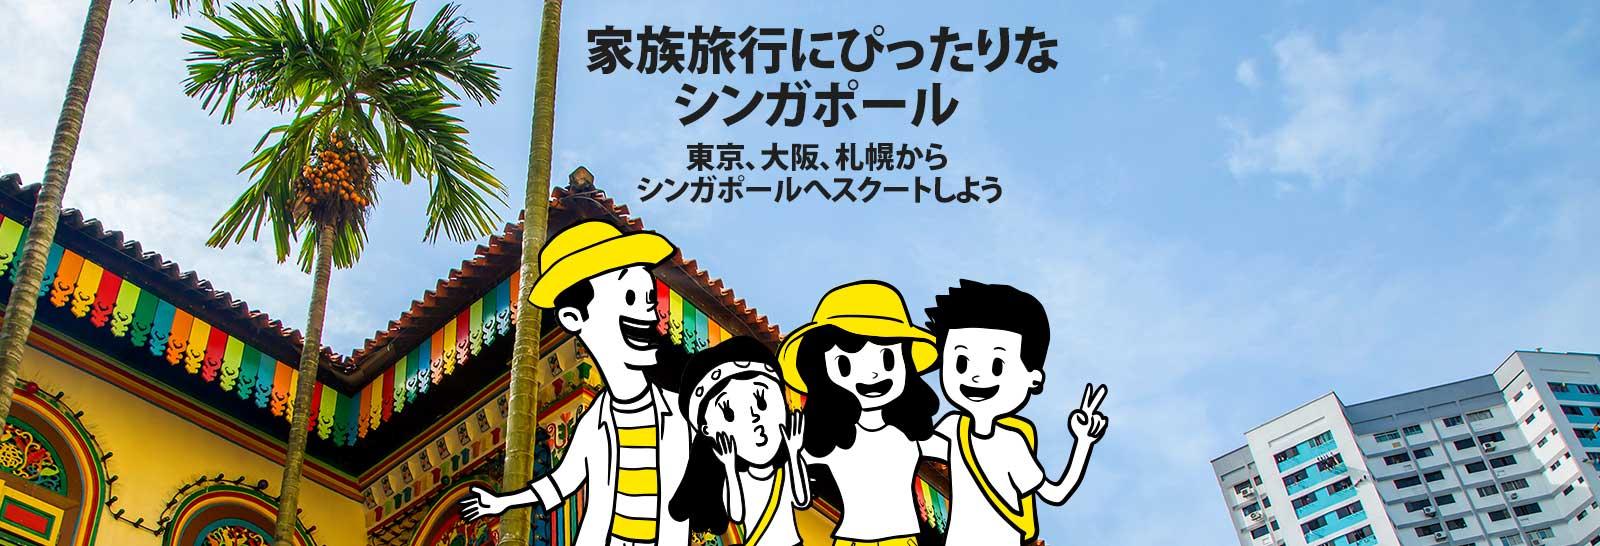 スクートの「家族旅行にぴったりなシンガポール」セール